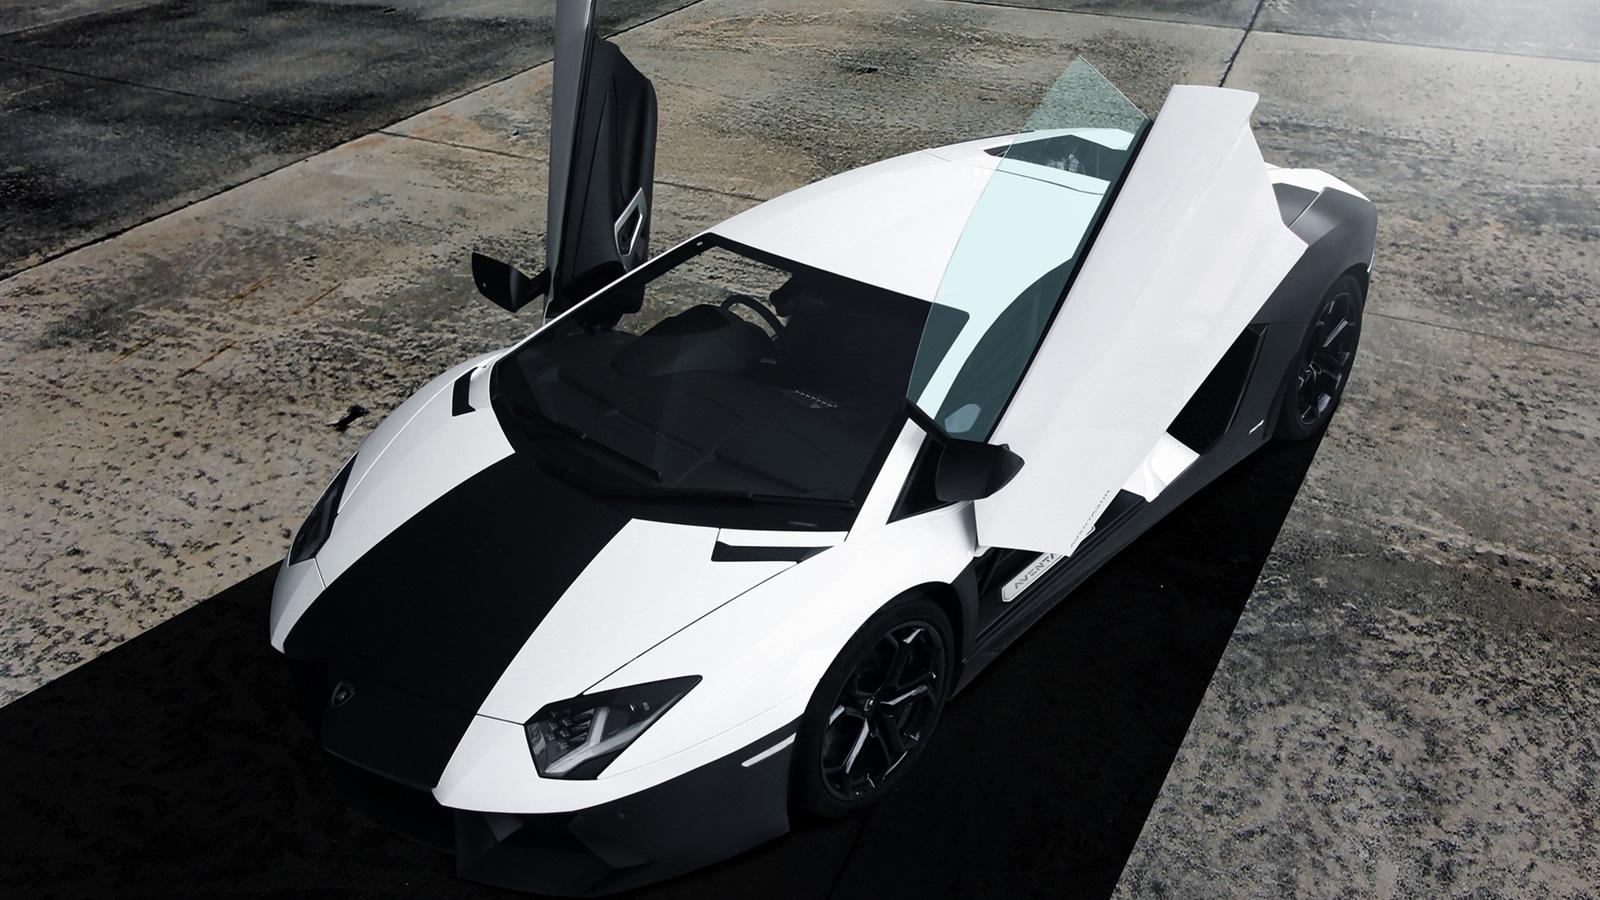 lamborghini aventador noir vue de dessus de supercar blanc fonds d 39 cran 1600x900 fonds d. Black Bedroom Furniture Sets. Home Design Ideas